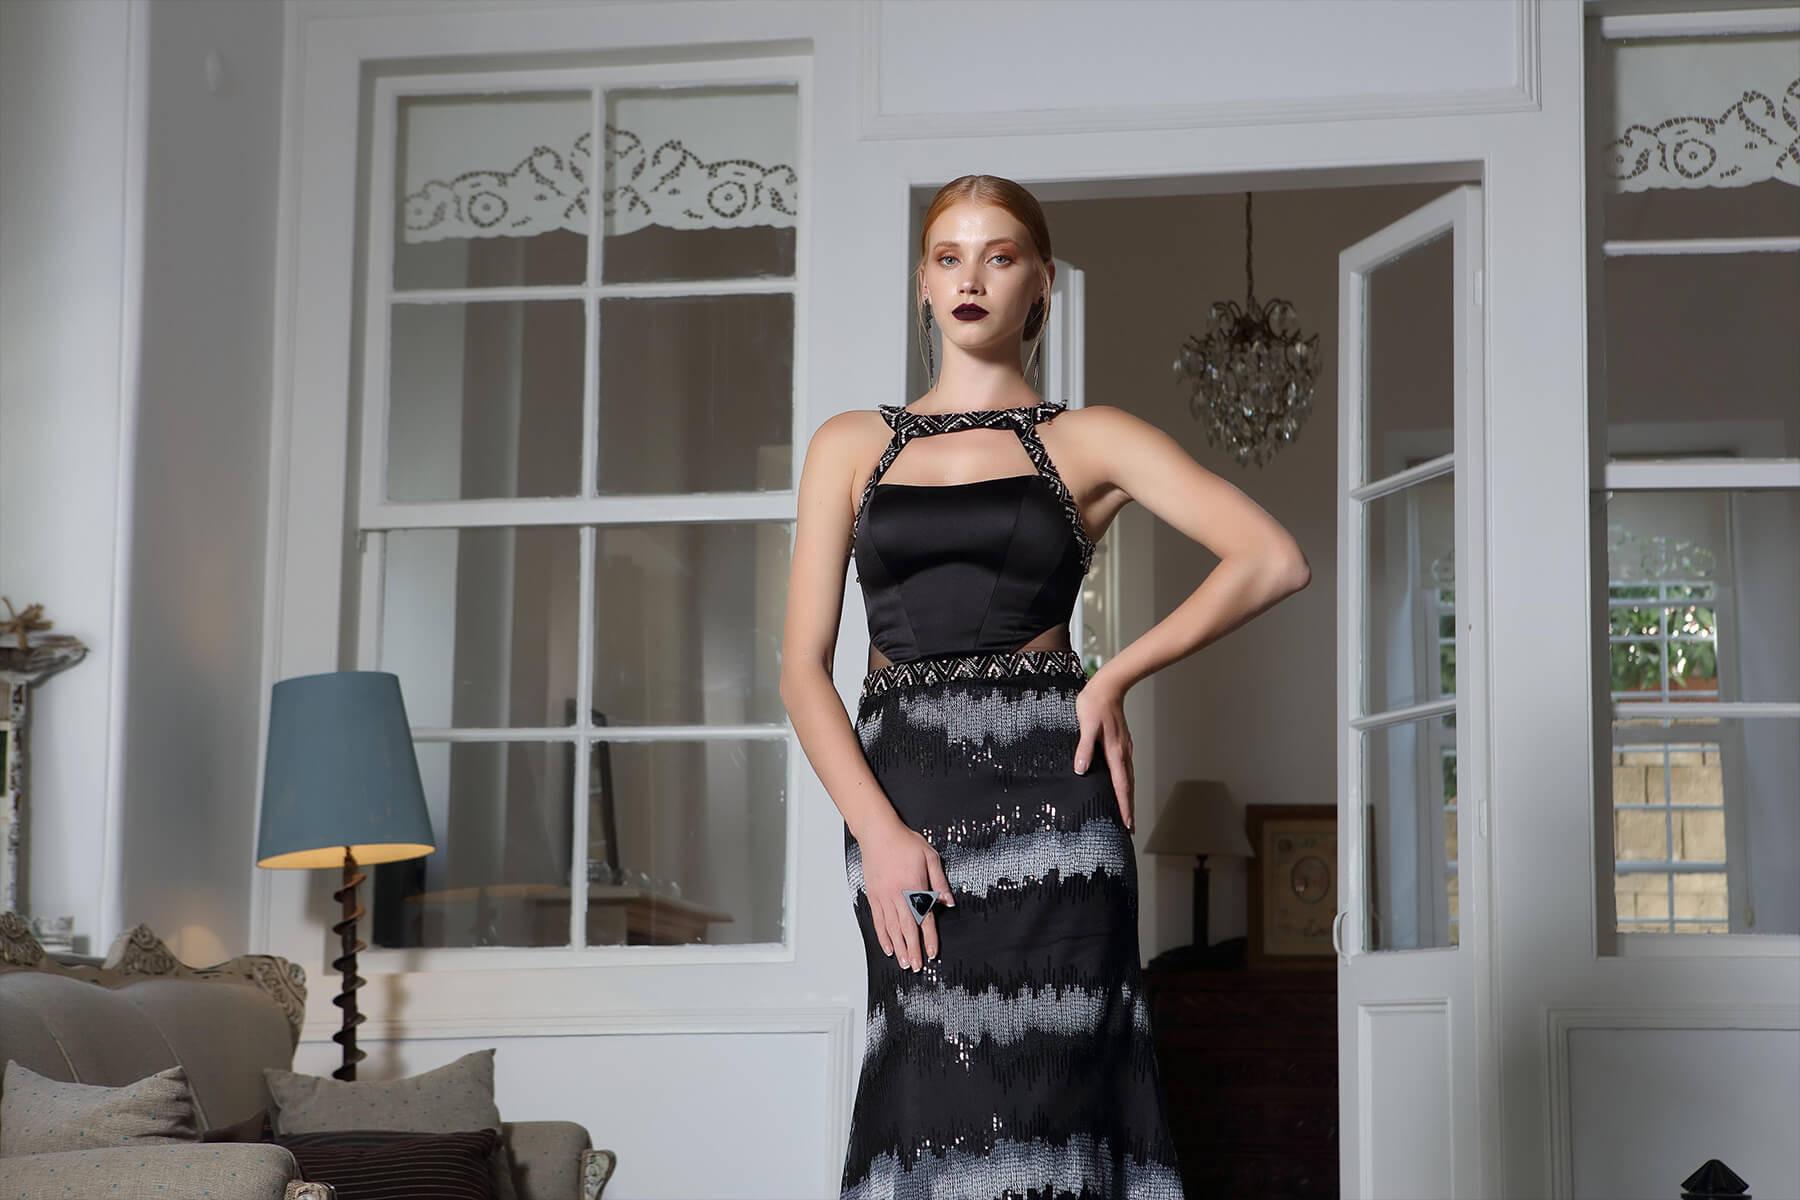 Designer Luxurius Abend Kleider Wiesbaden StylishAbend Cool Abend Kleider Wiesbaden Spezialgebiet